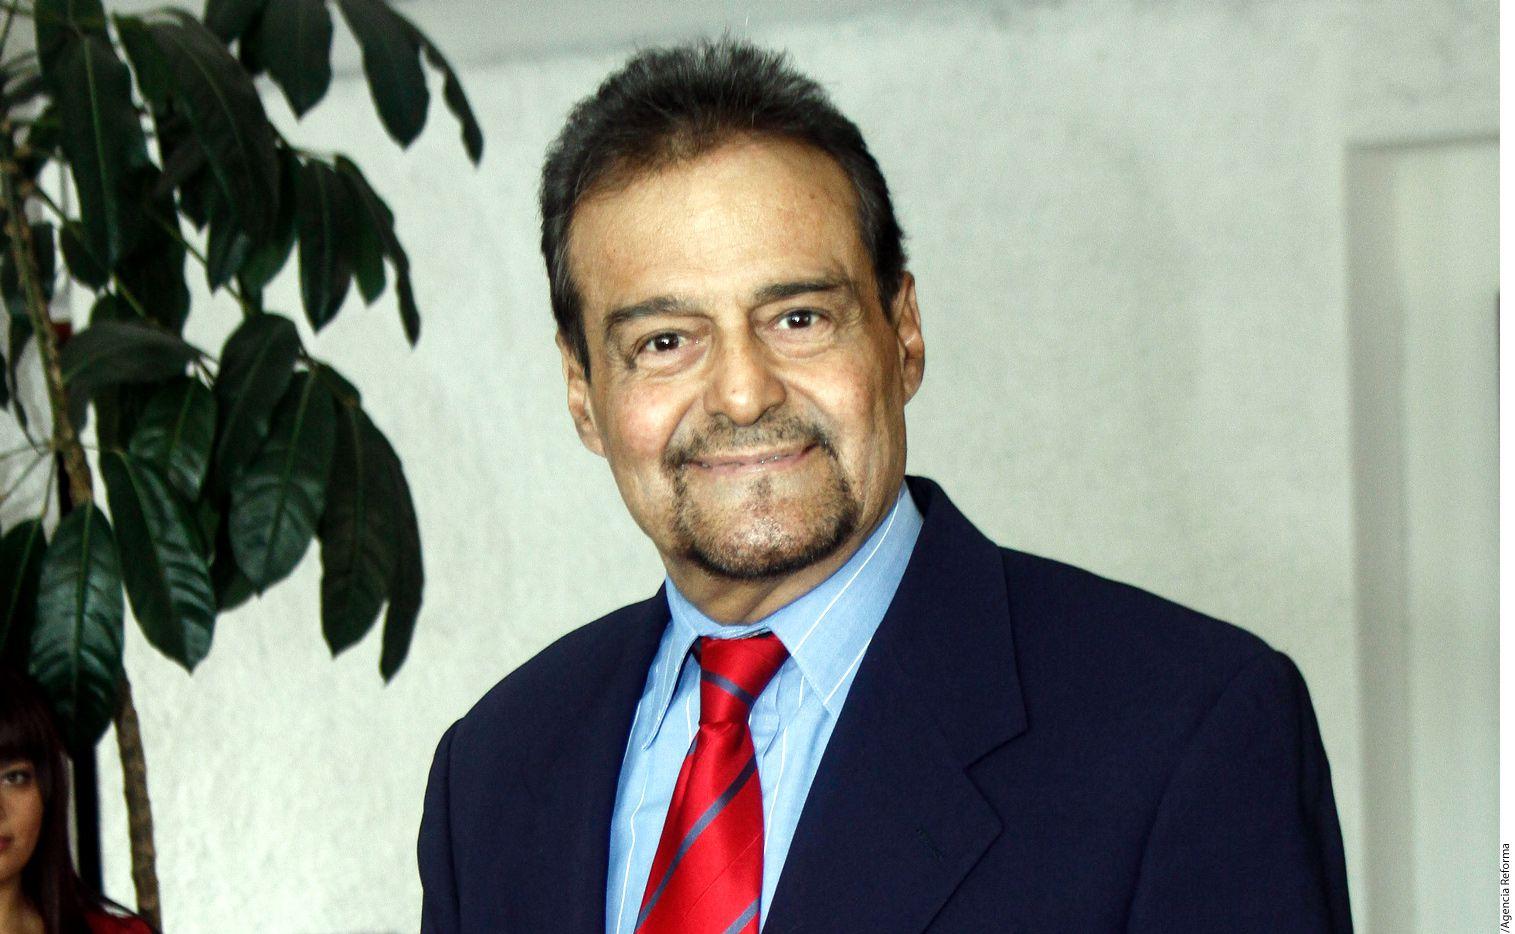 Falleció el actor mexicano Gonzalo Vega. AGENCIA REFORMA